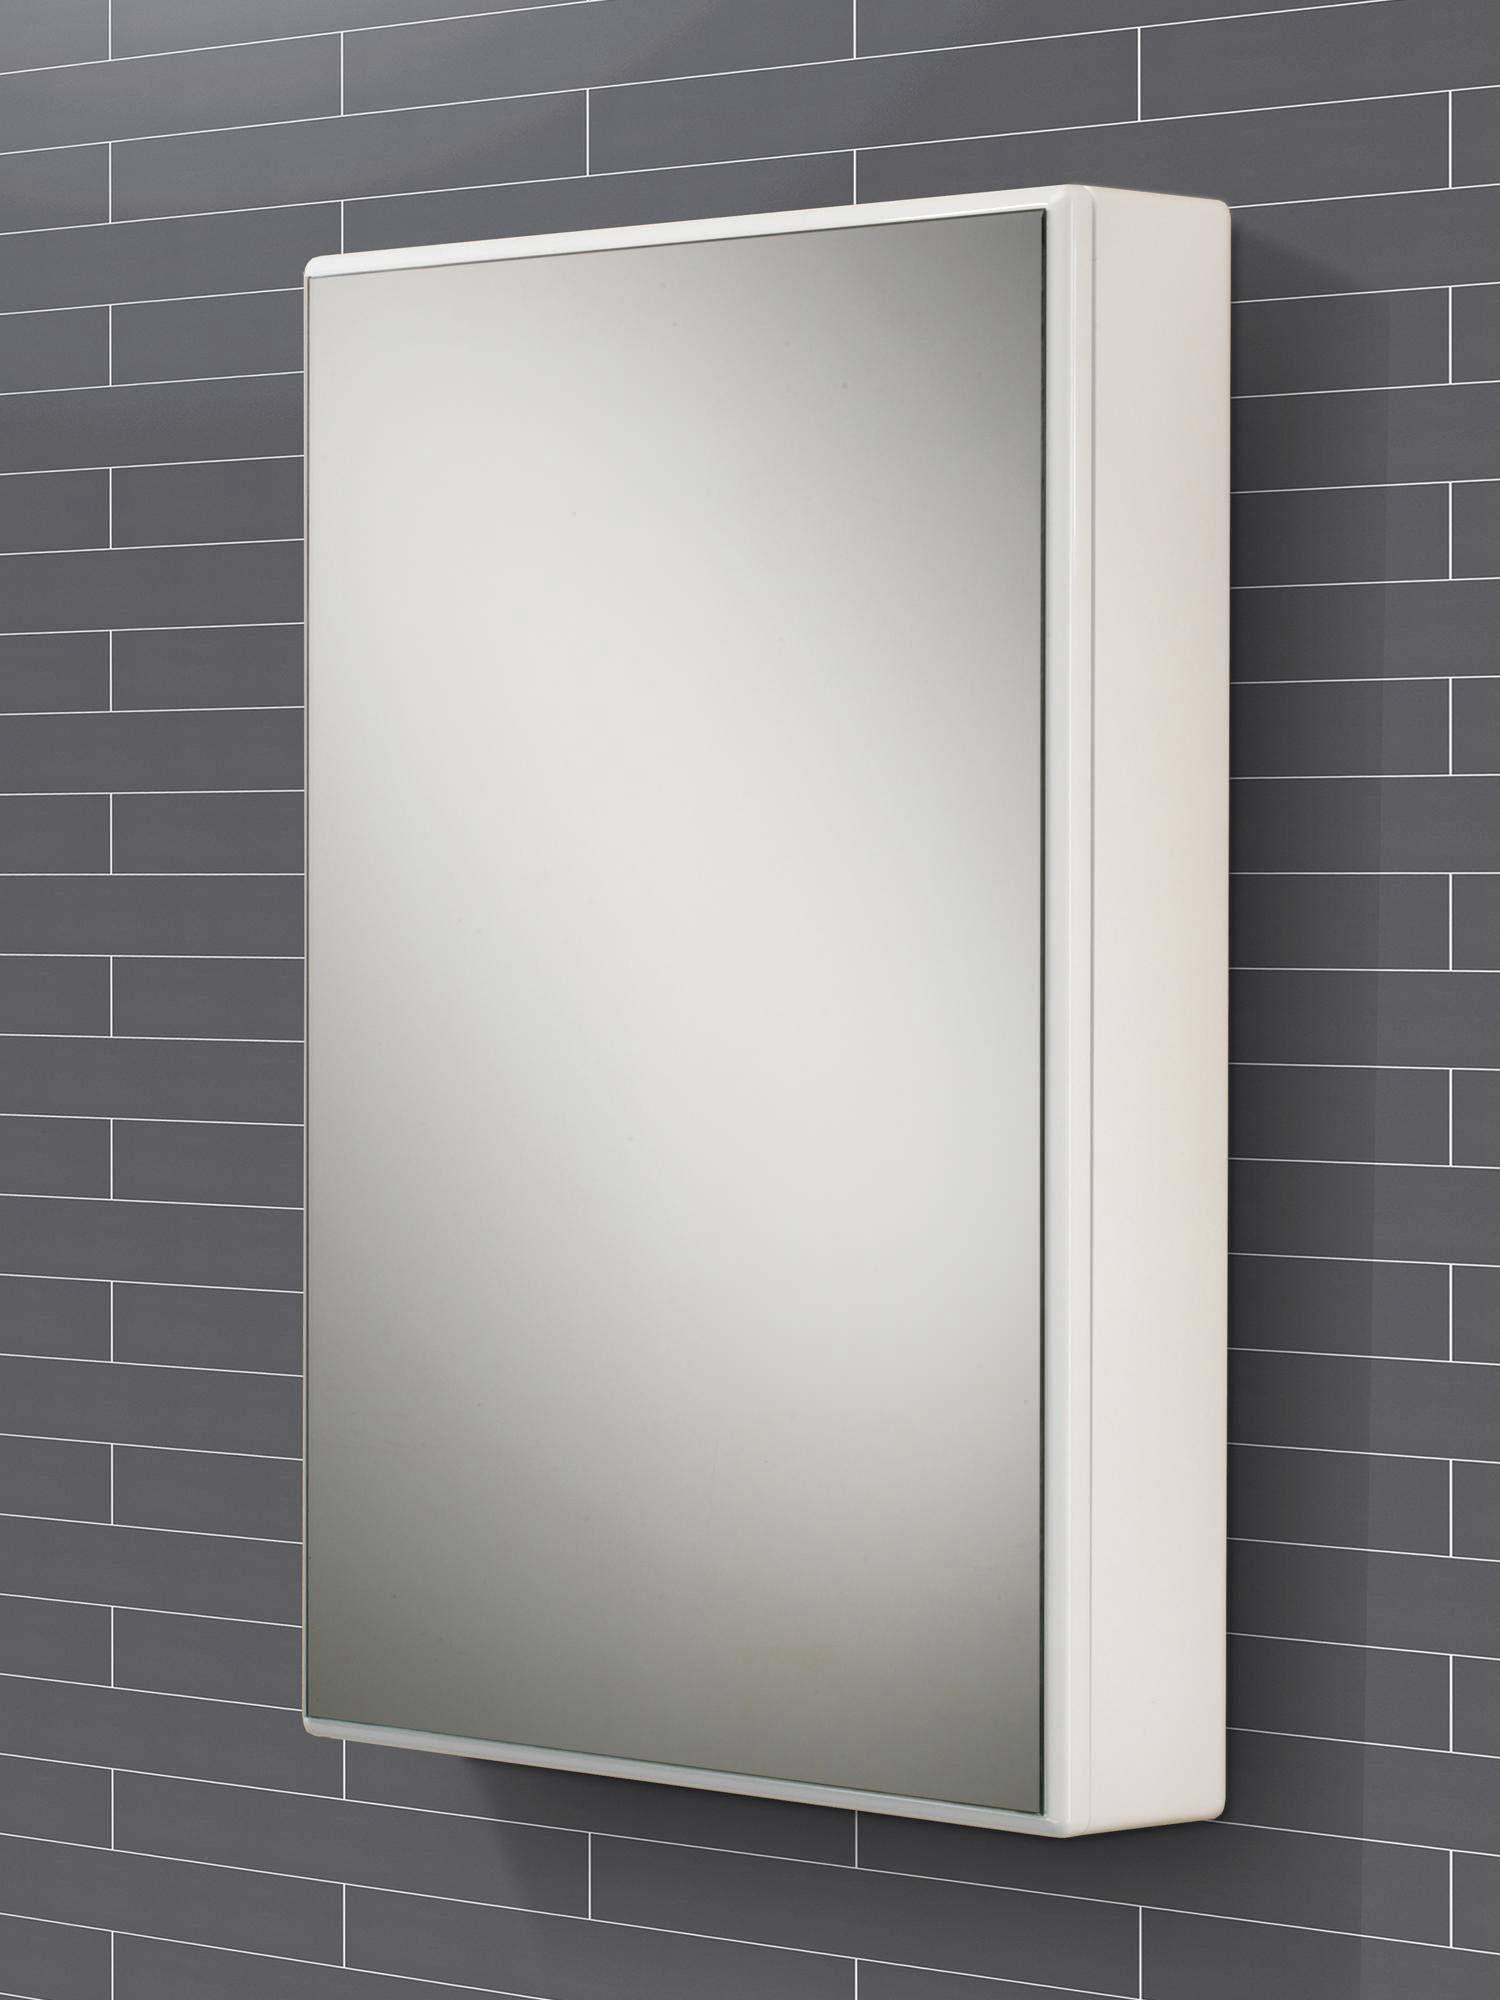 hib bathroom cabinets tulsa single door slimline cabinet 50 x 70 x - Bathroom Cabinets Tulsa